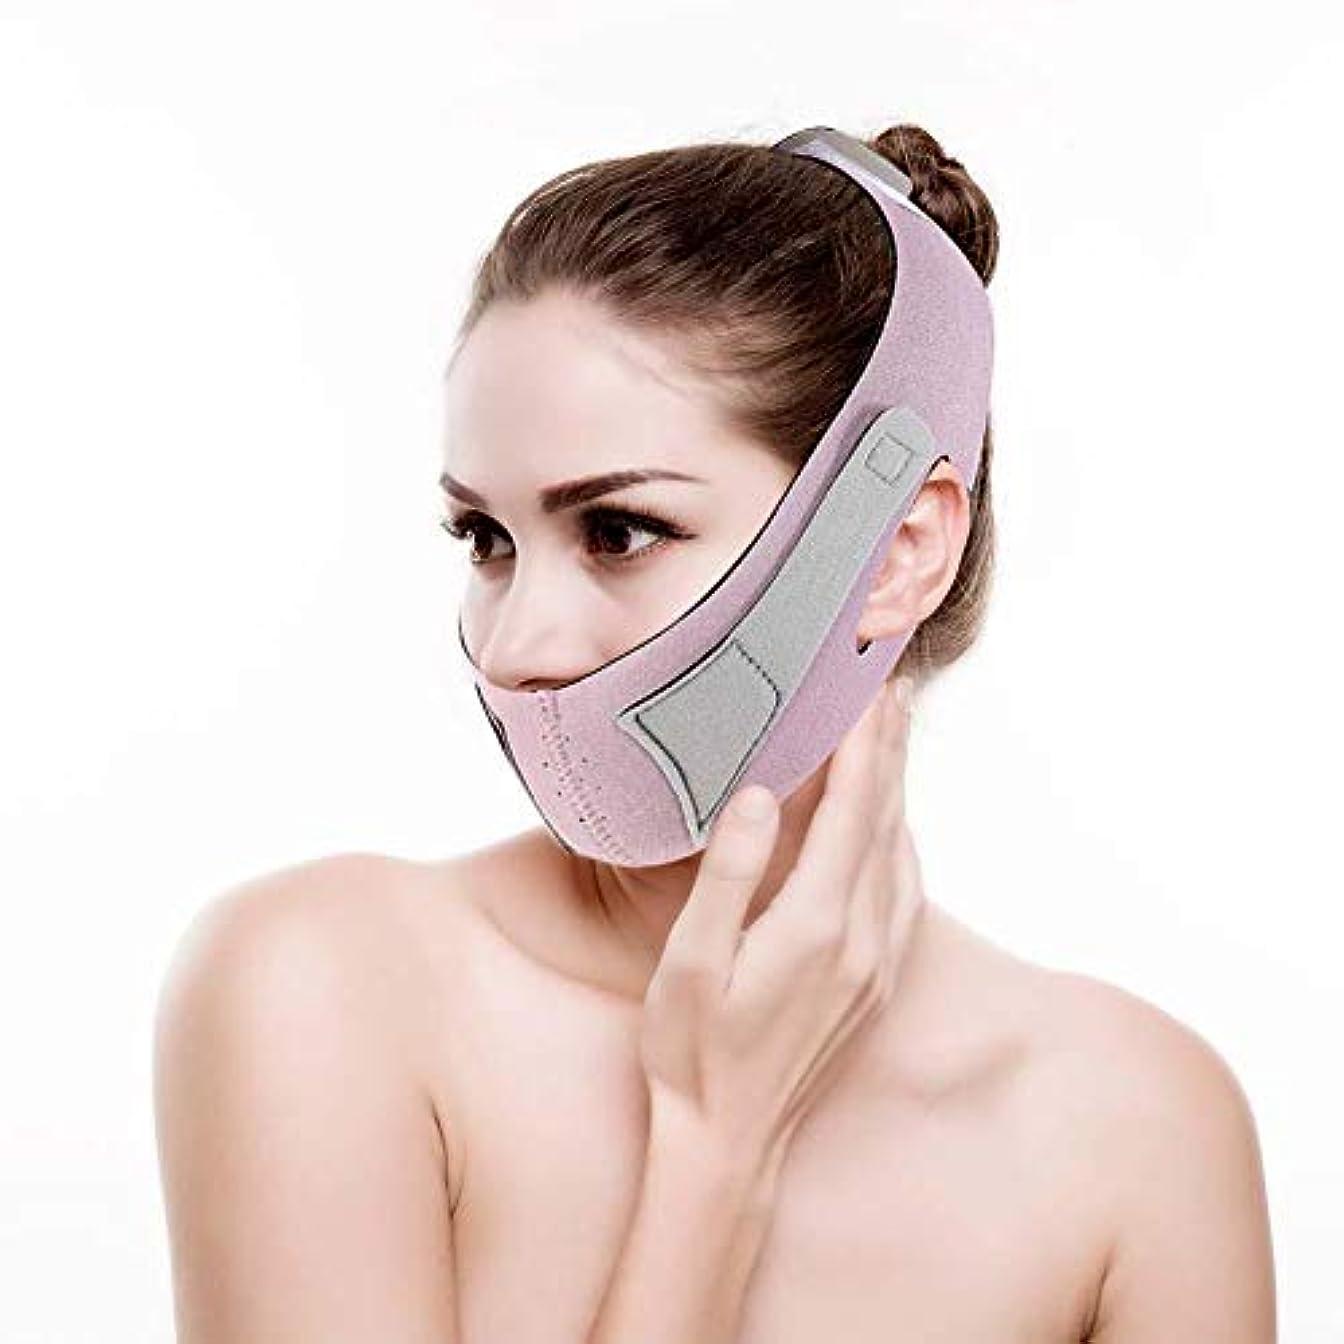 しゃがむウィンクハードフェイシャルスリミングマスク プロテクターカバレッジリフティング フェイス減量 ベルト減量 ダブルチェーン スキンケア(1)